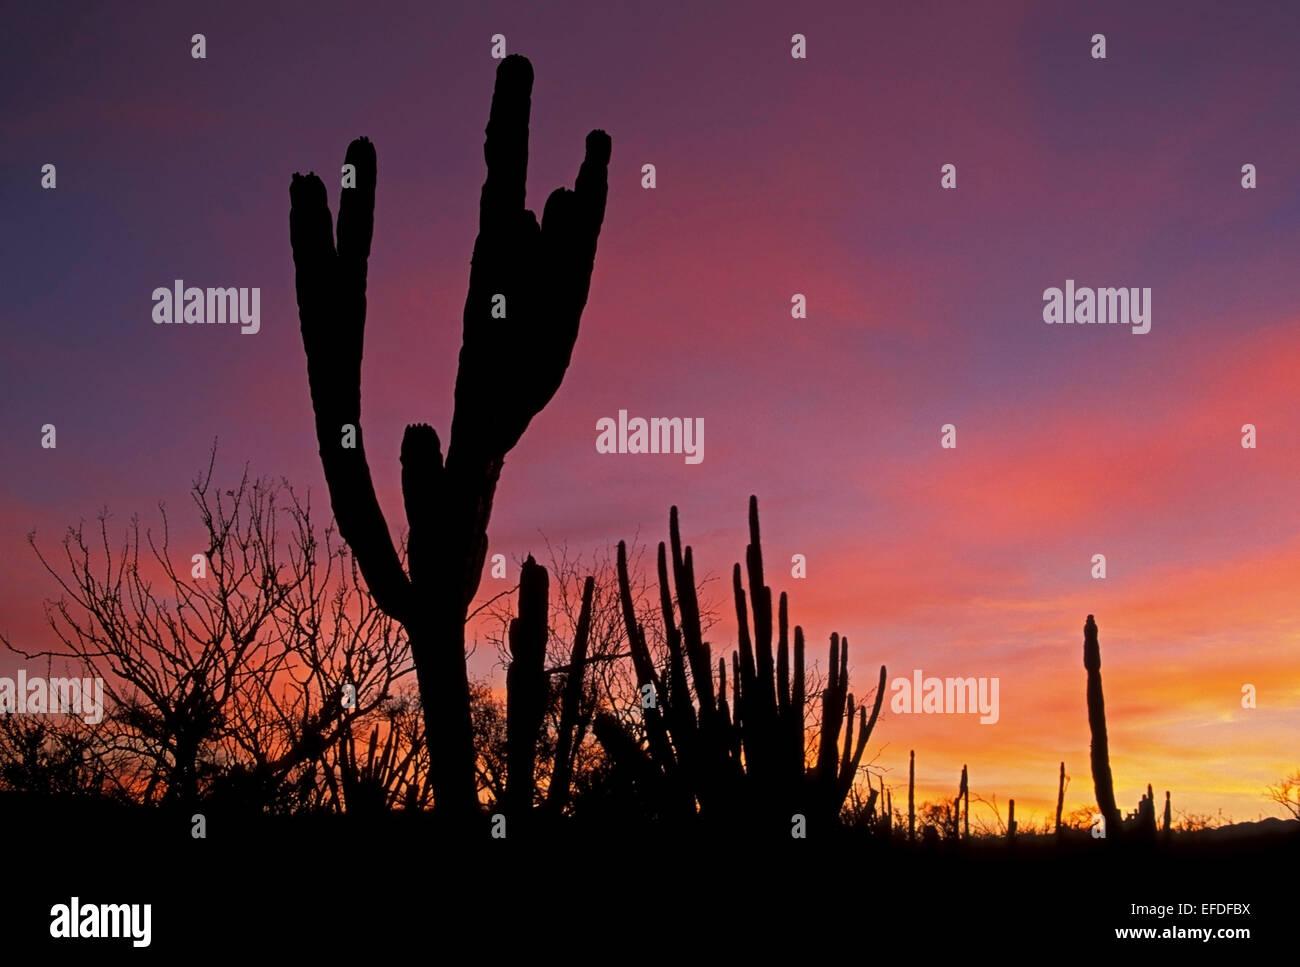 Silhouette, Kakteen und rosa orangefarbenen Himmel, Todos Santos, Baja California Sur, Mexiko Stockbild